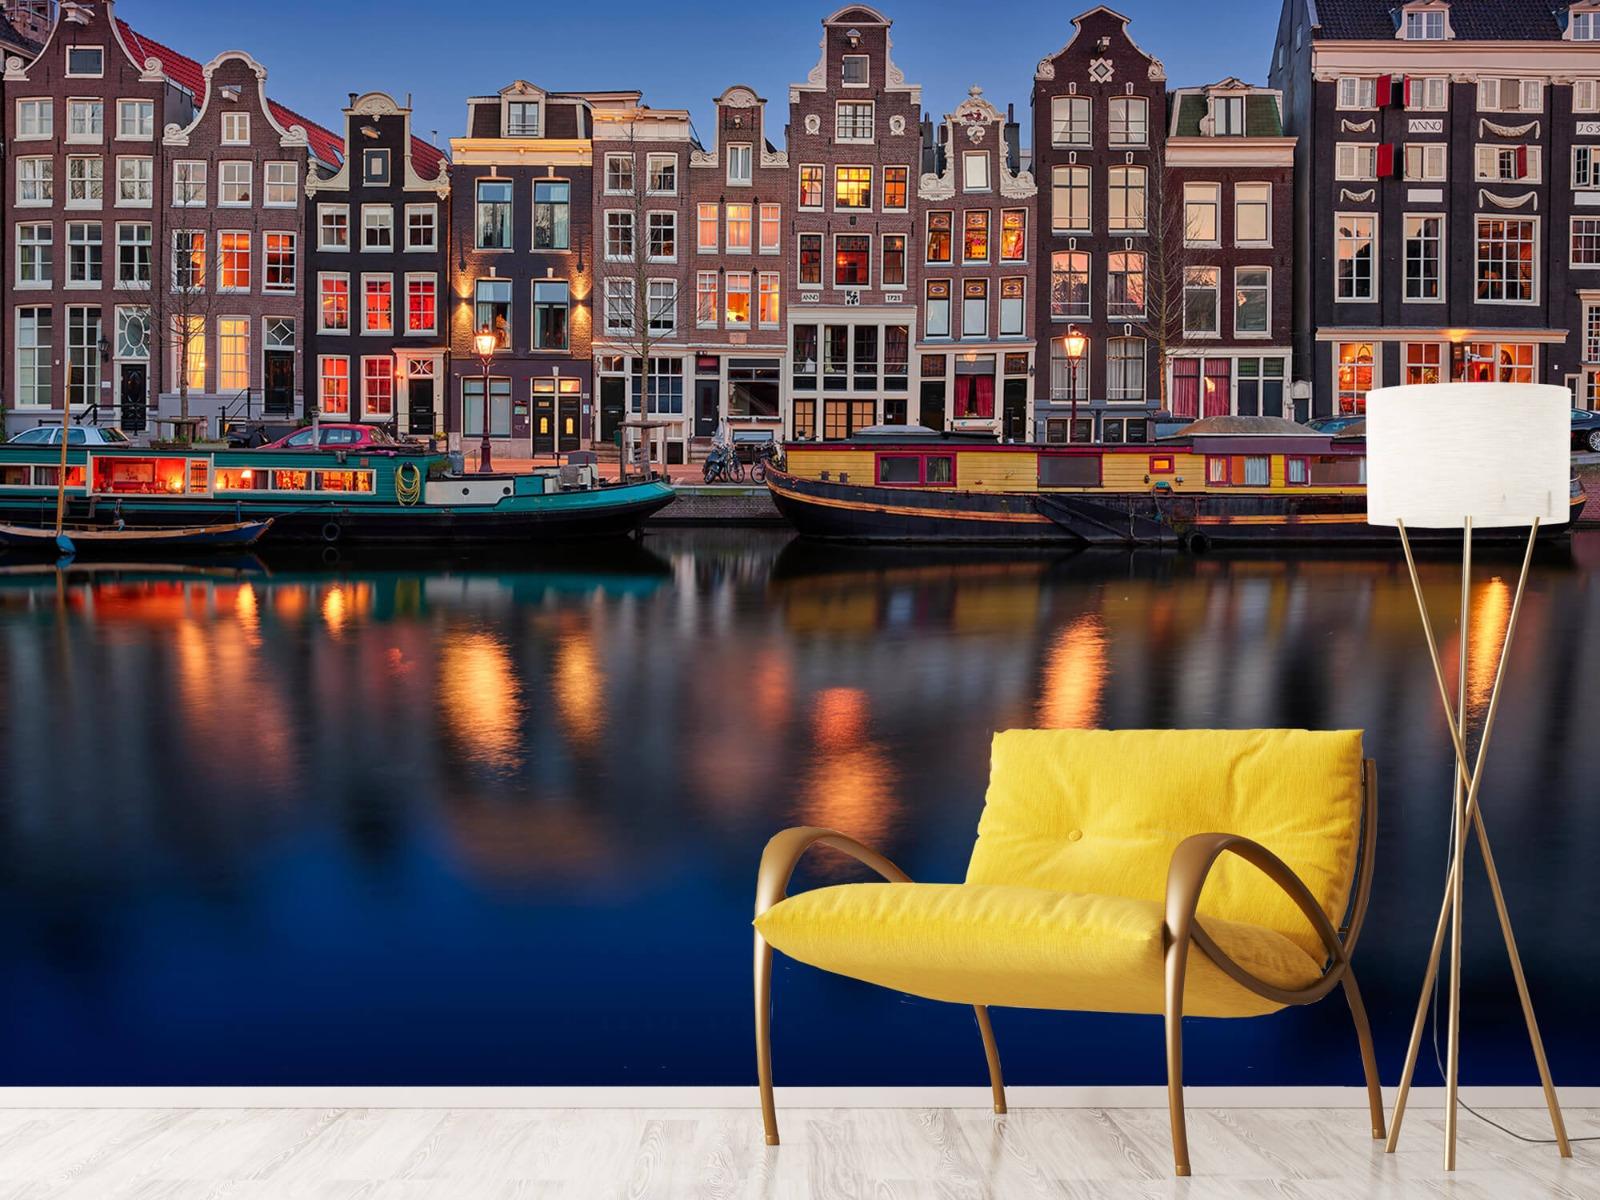 Architectuur - Grachtenpanden Amsterdam - Tienerkamer 10